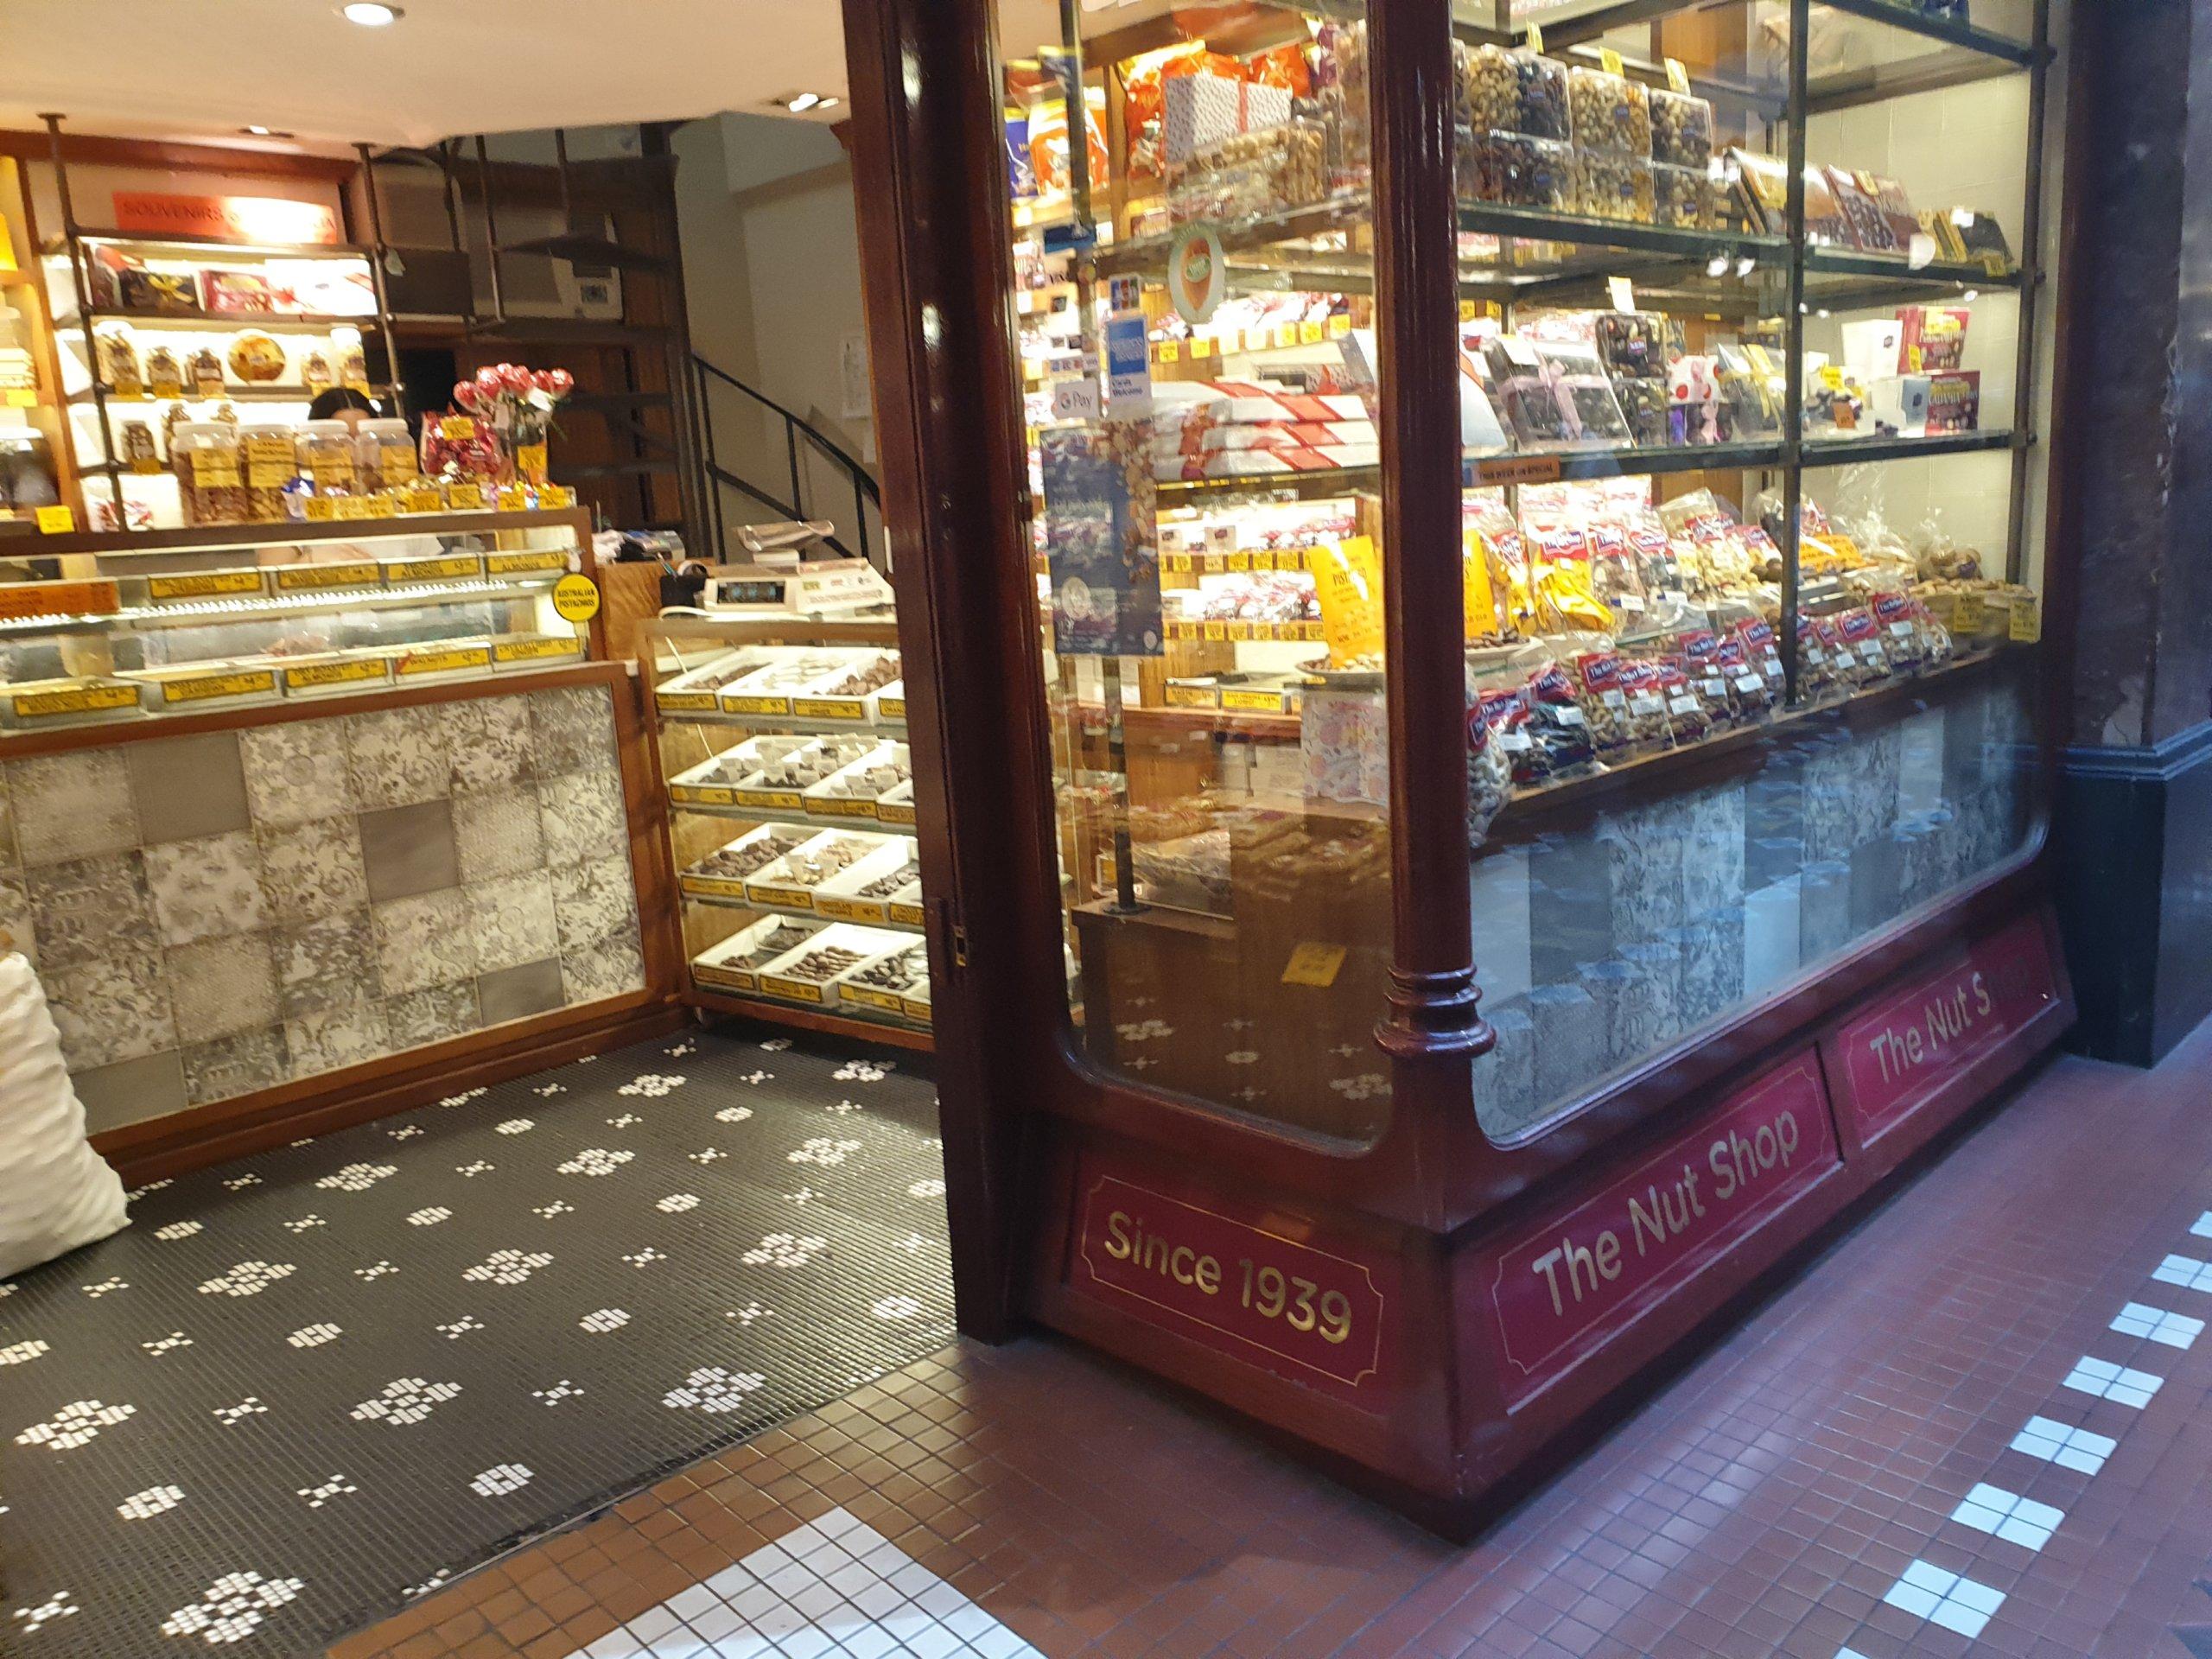 懐かしさを感じるシドニーのレトロなお菓子屋さん The Nut Shop